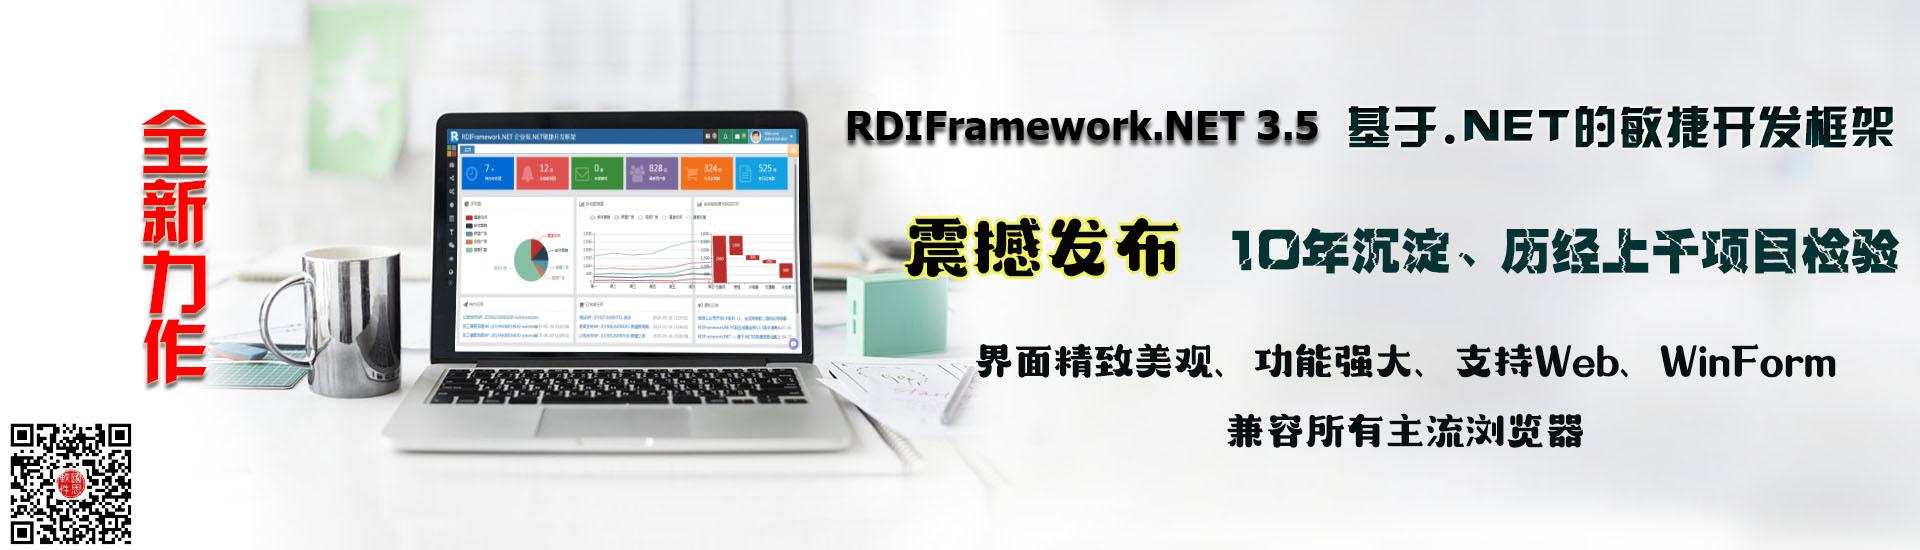 RDIFramework.NET ━ .NET敏捷开发框架全新发布-最好用的.NET开发框架 100%源码授权